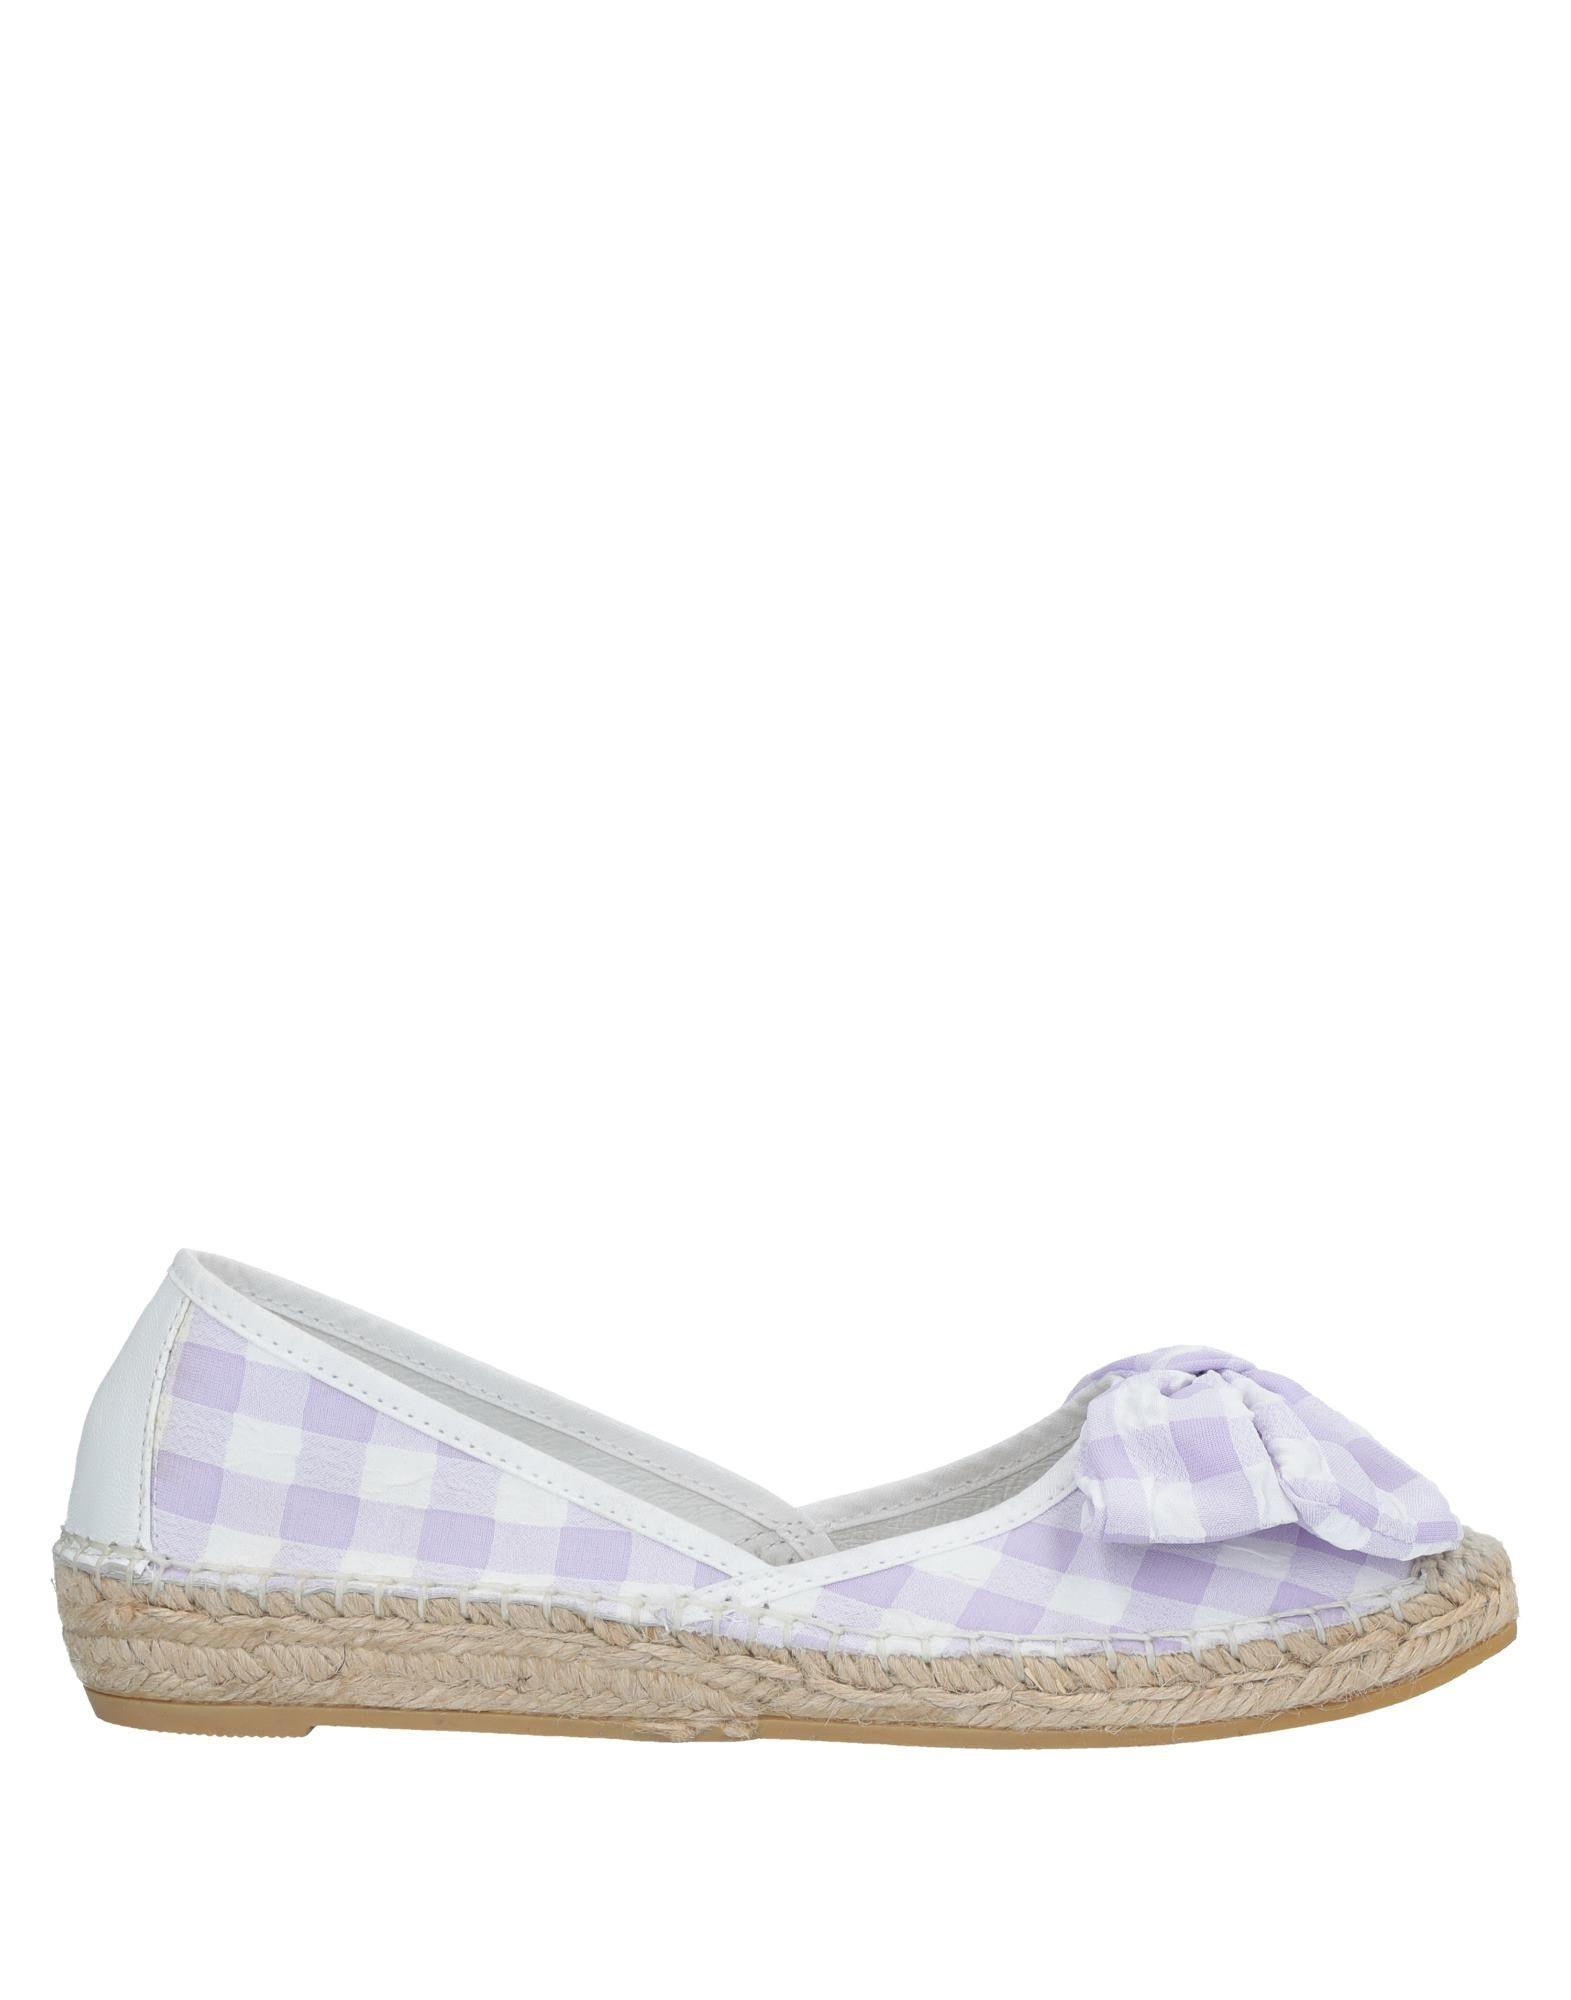 Sneakers Camper Donna e - 11434233OR Nuove offerte e Donna scarpe comode 855adf